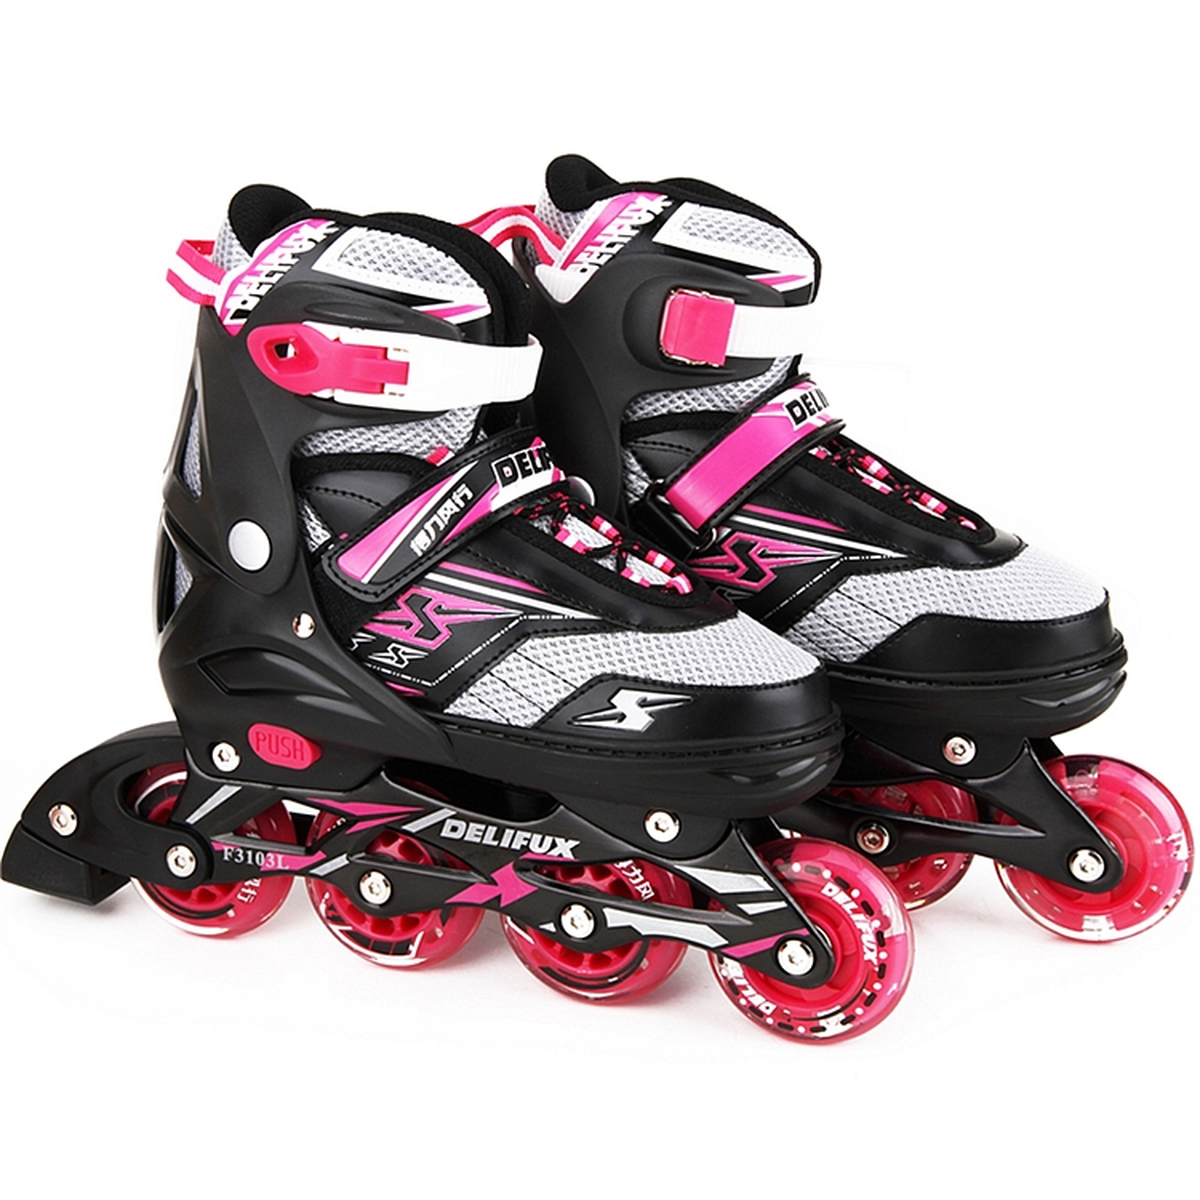 得力风行F3103L轮滑鞋 绝缘鞋(粉色)(双)